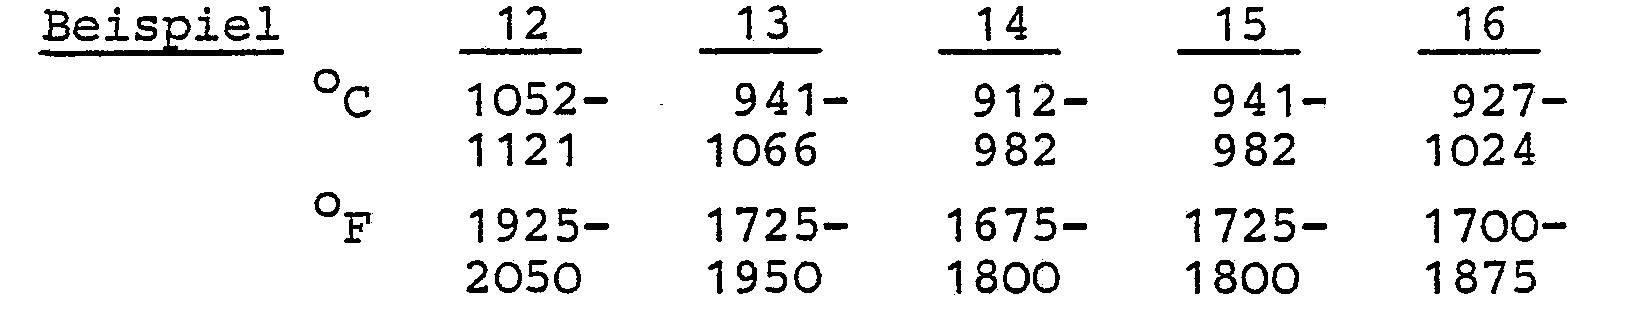 Formel zur Berechnung des prozentualen Gewichtsverlusts